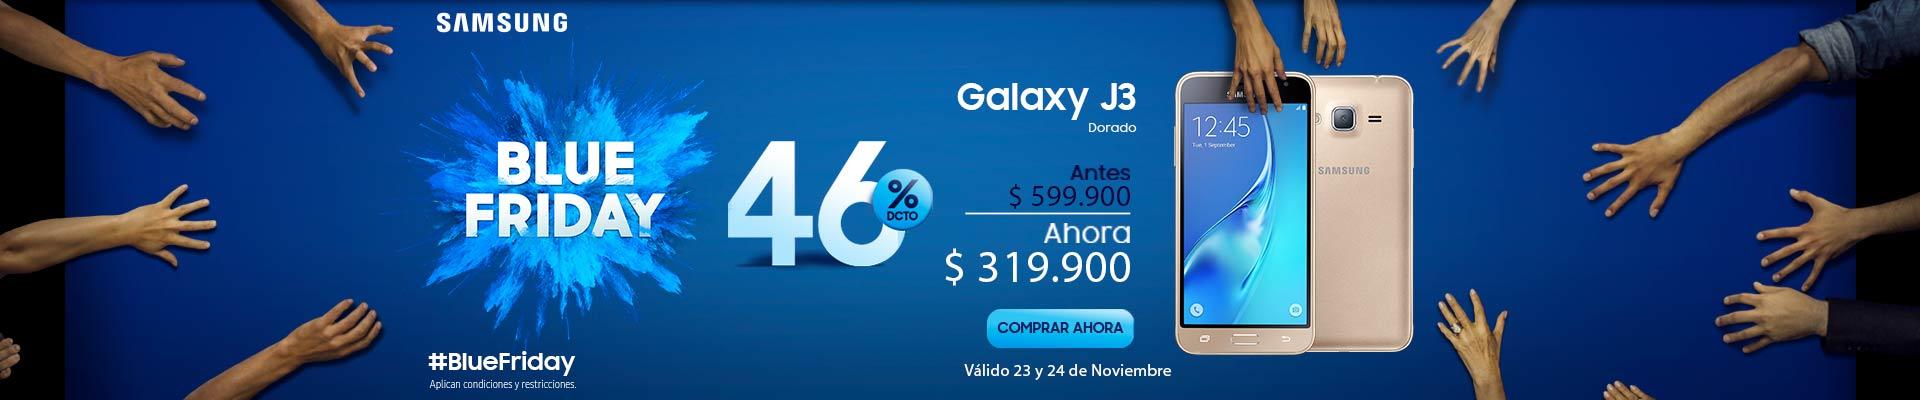 PPAL ALKP-6-celulares-Celular Libre SAMSUNG Galaxy J3 Dorado DS 4G-prod-noviembre23-24-blackfriday